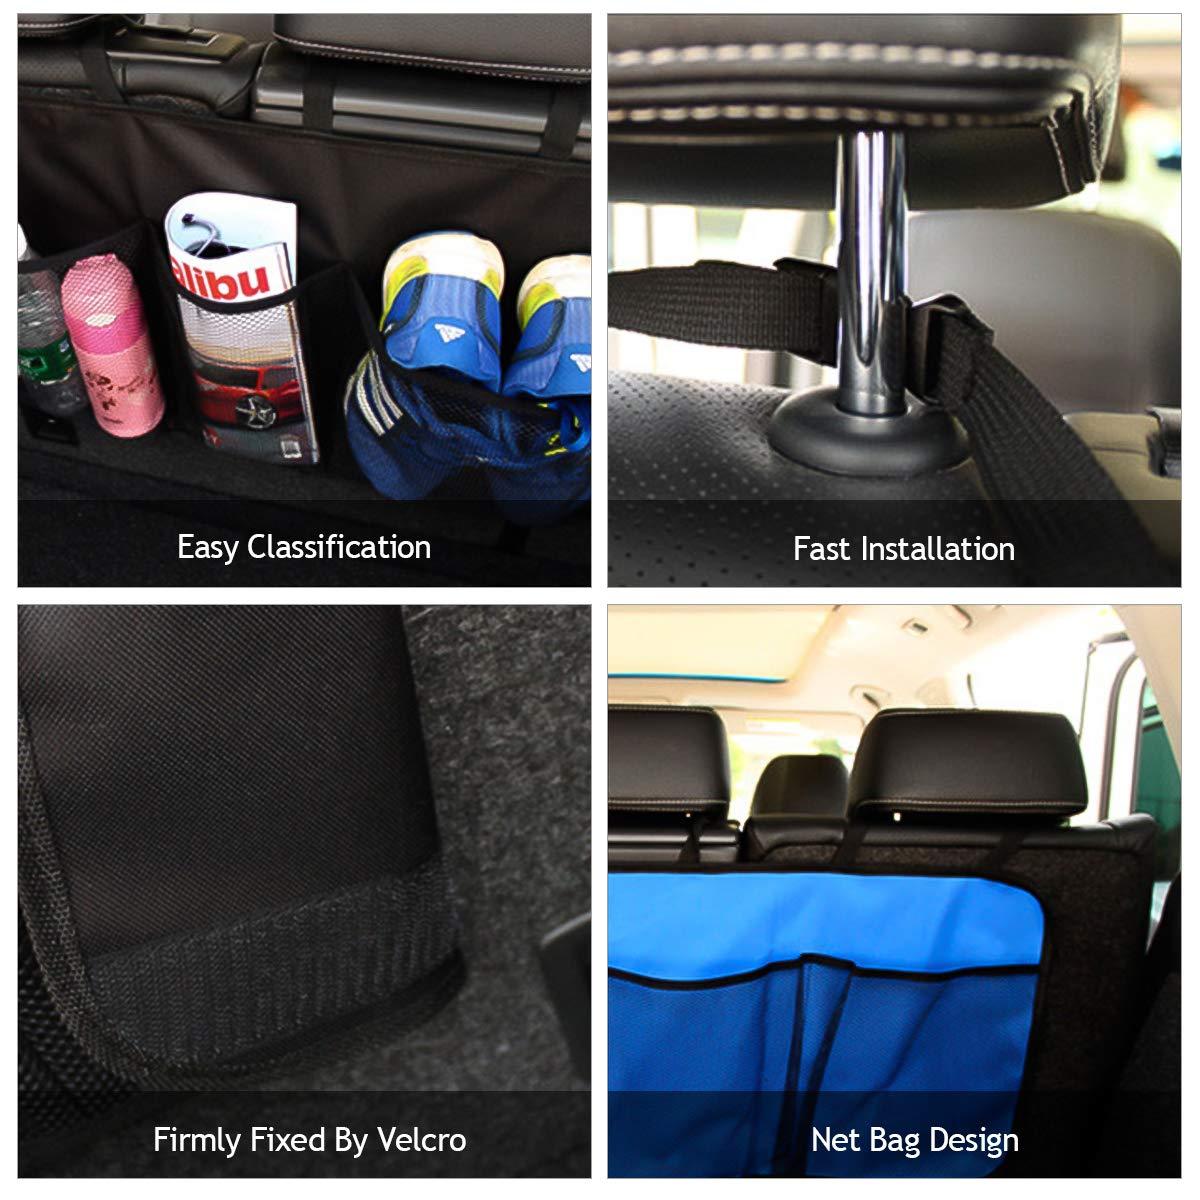 Actualizaci/ón-Azul Oscuro Oxford Cloth Trasero Almacenamiento Bolsa para Coche con M/últiples Bolsillos Organizador Multifuncional para SUV Ergocar Organizador Maletero Coche